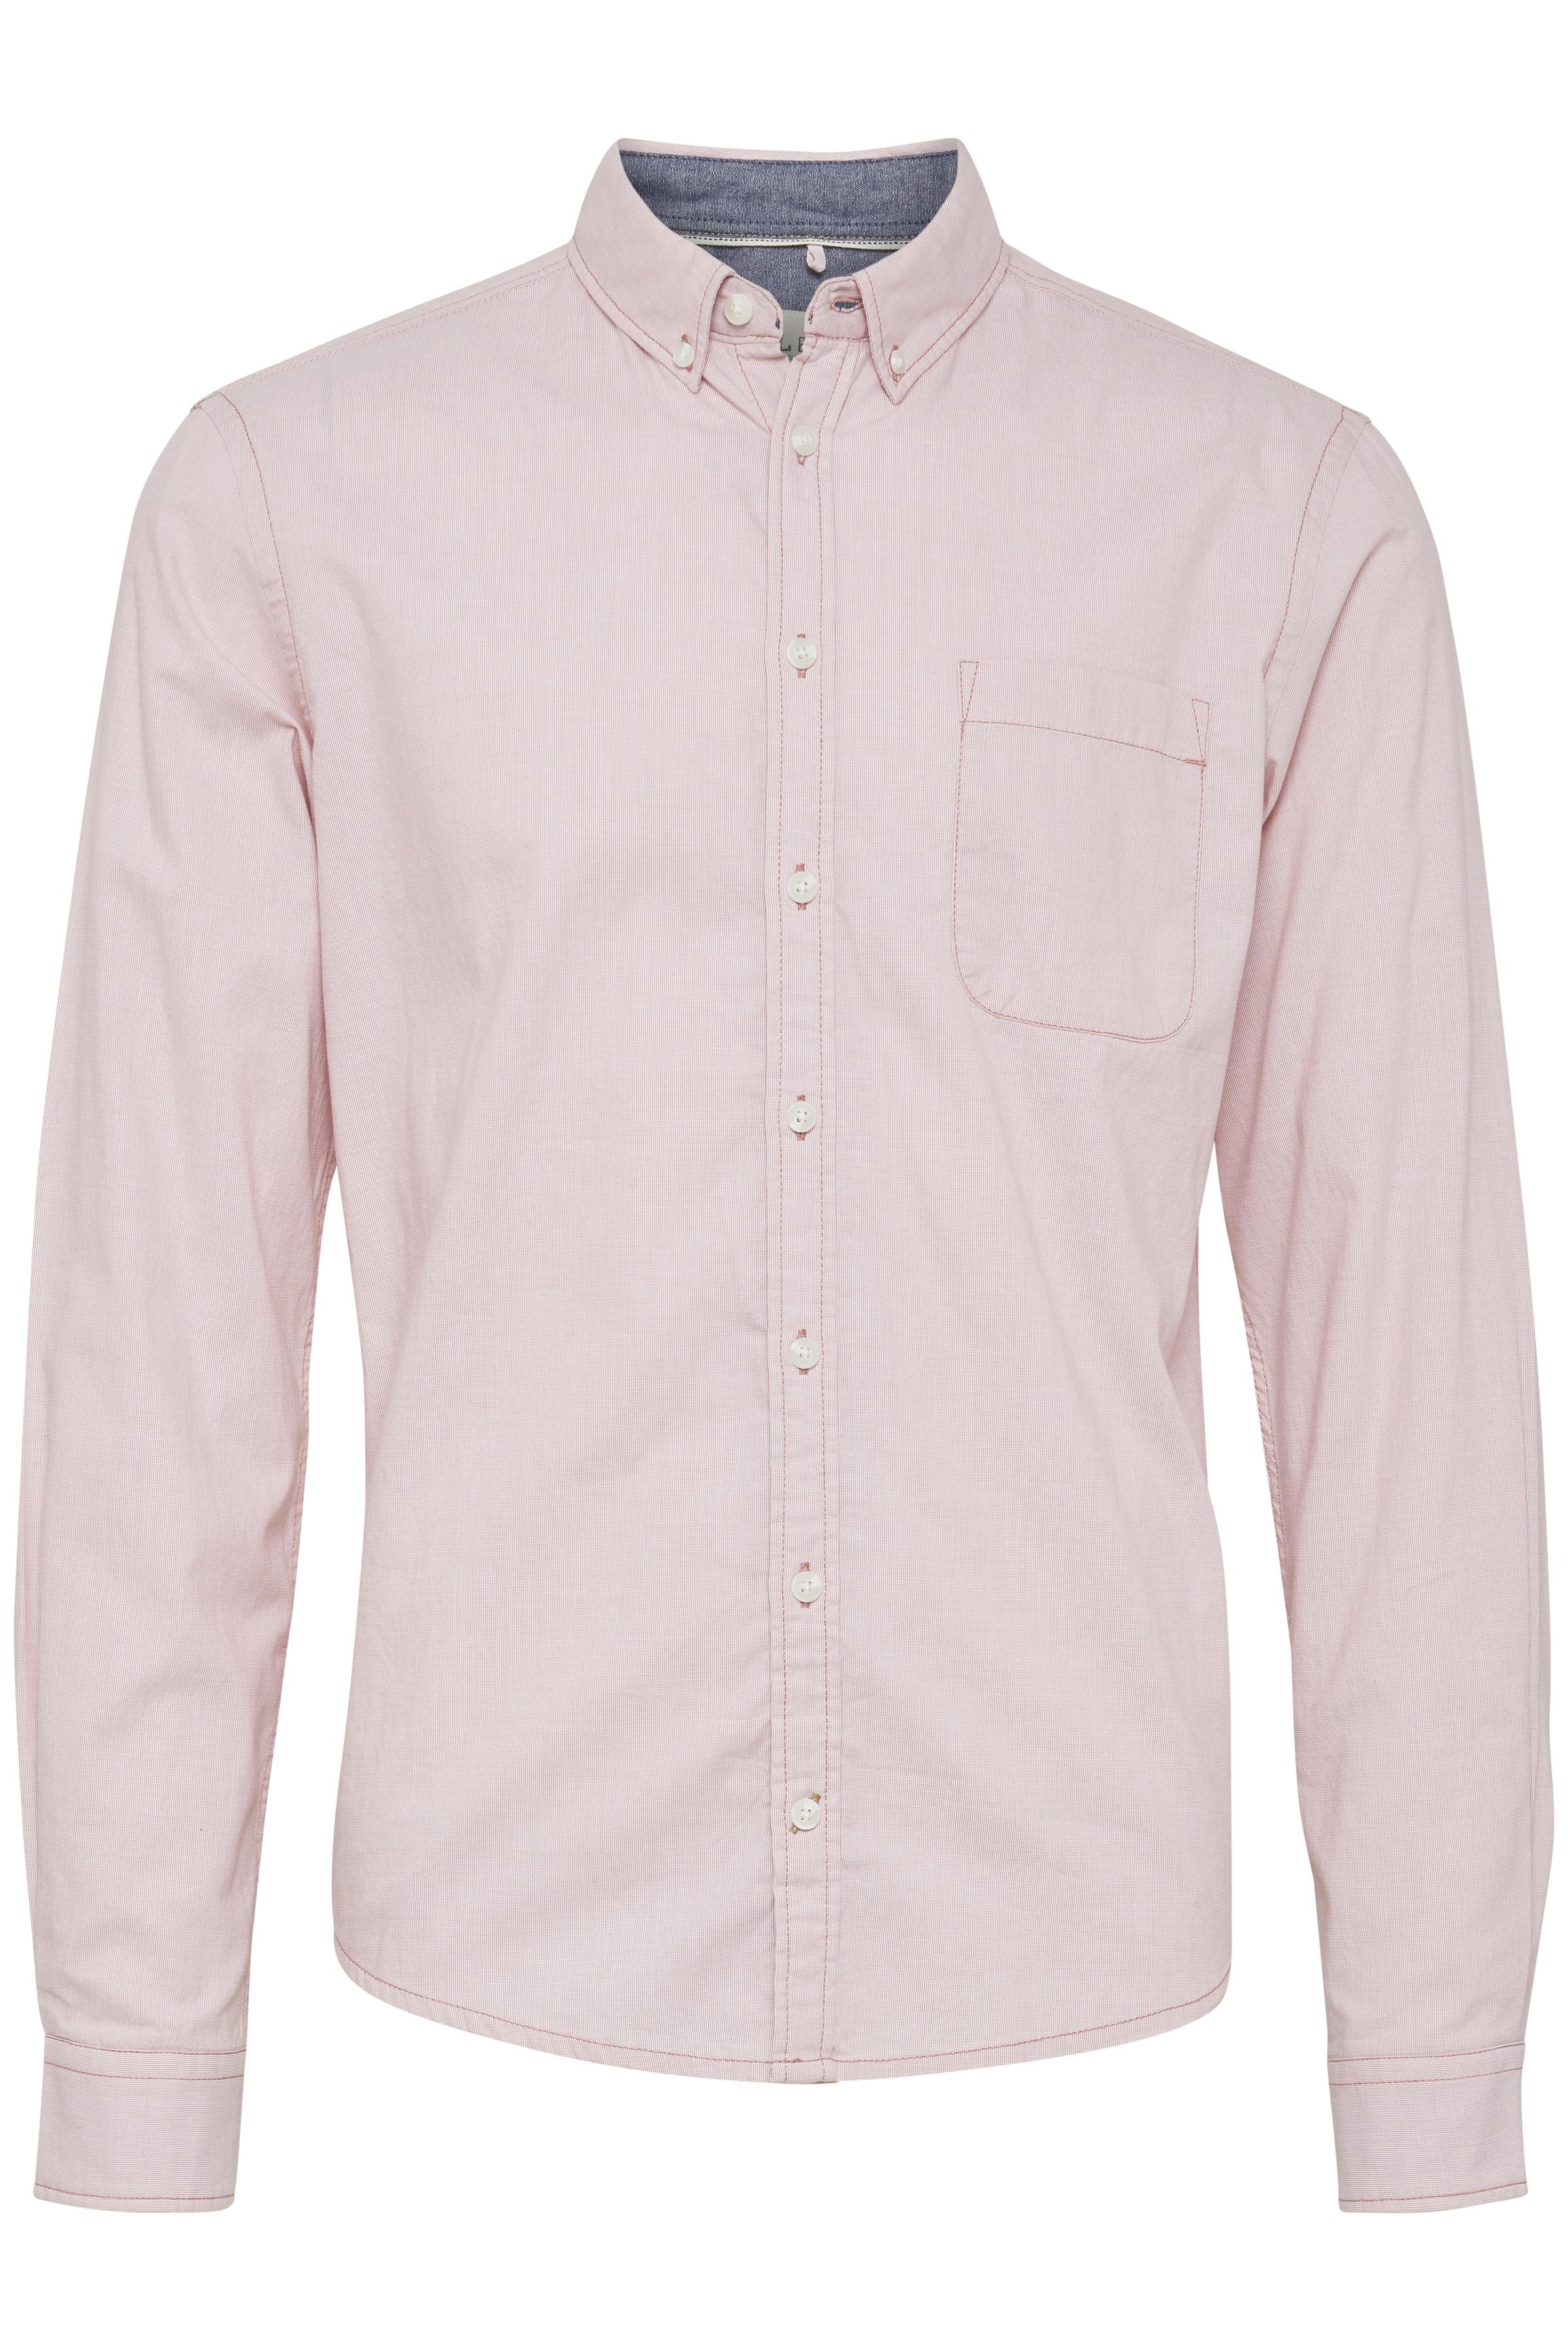 Dusty Rose red Langærmet skjorte – Køb Dusty Rose red Langærmet skjorte fra str. M-XXL her